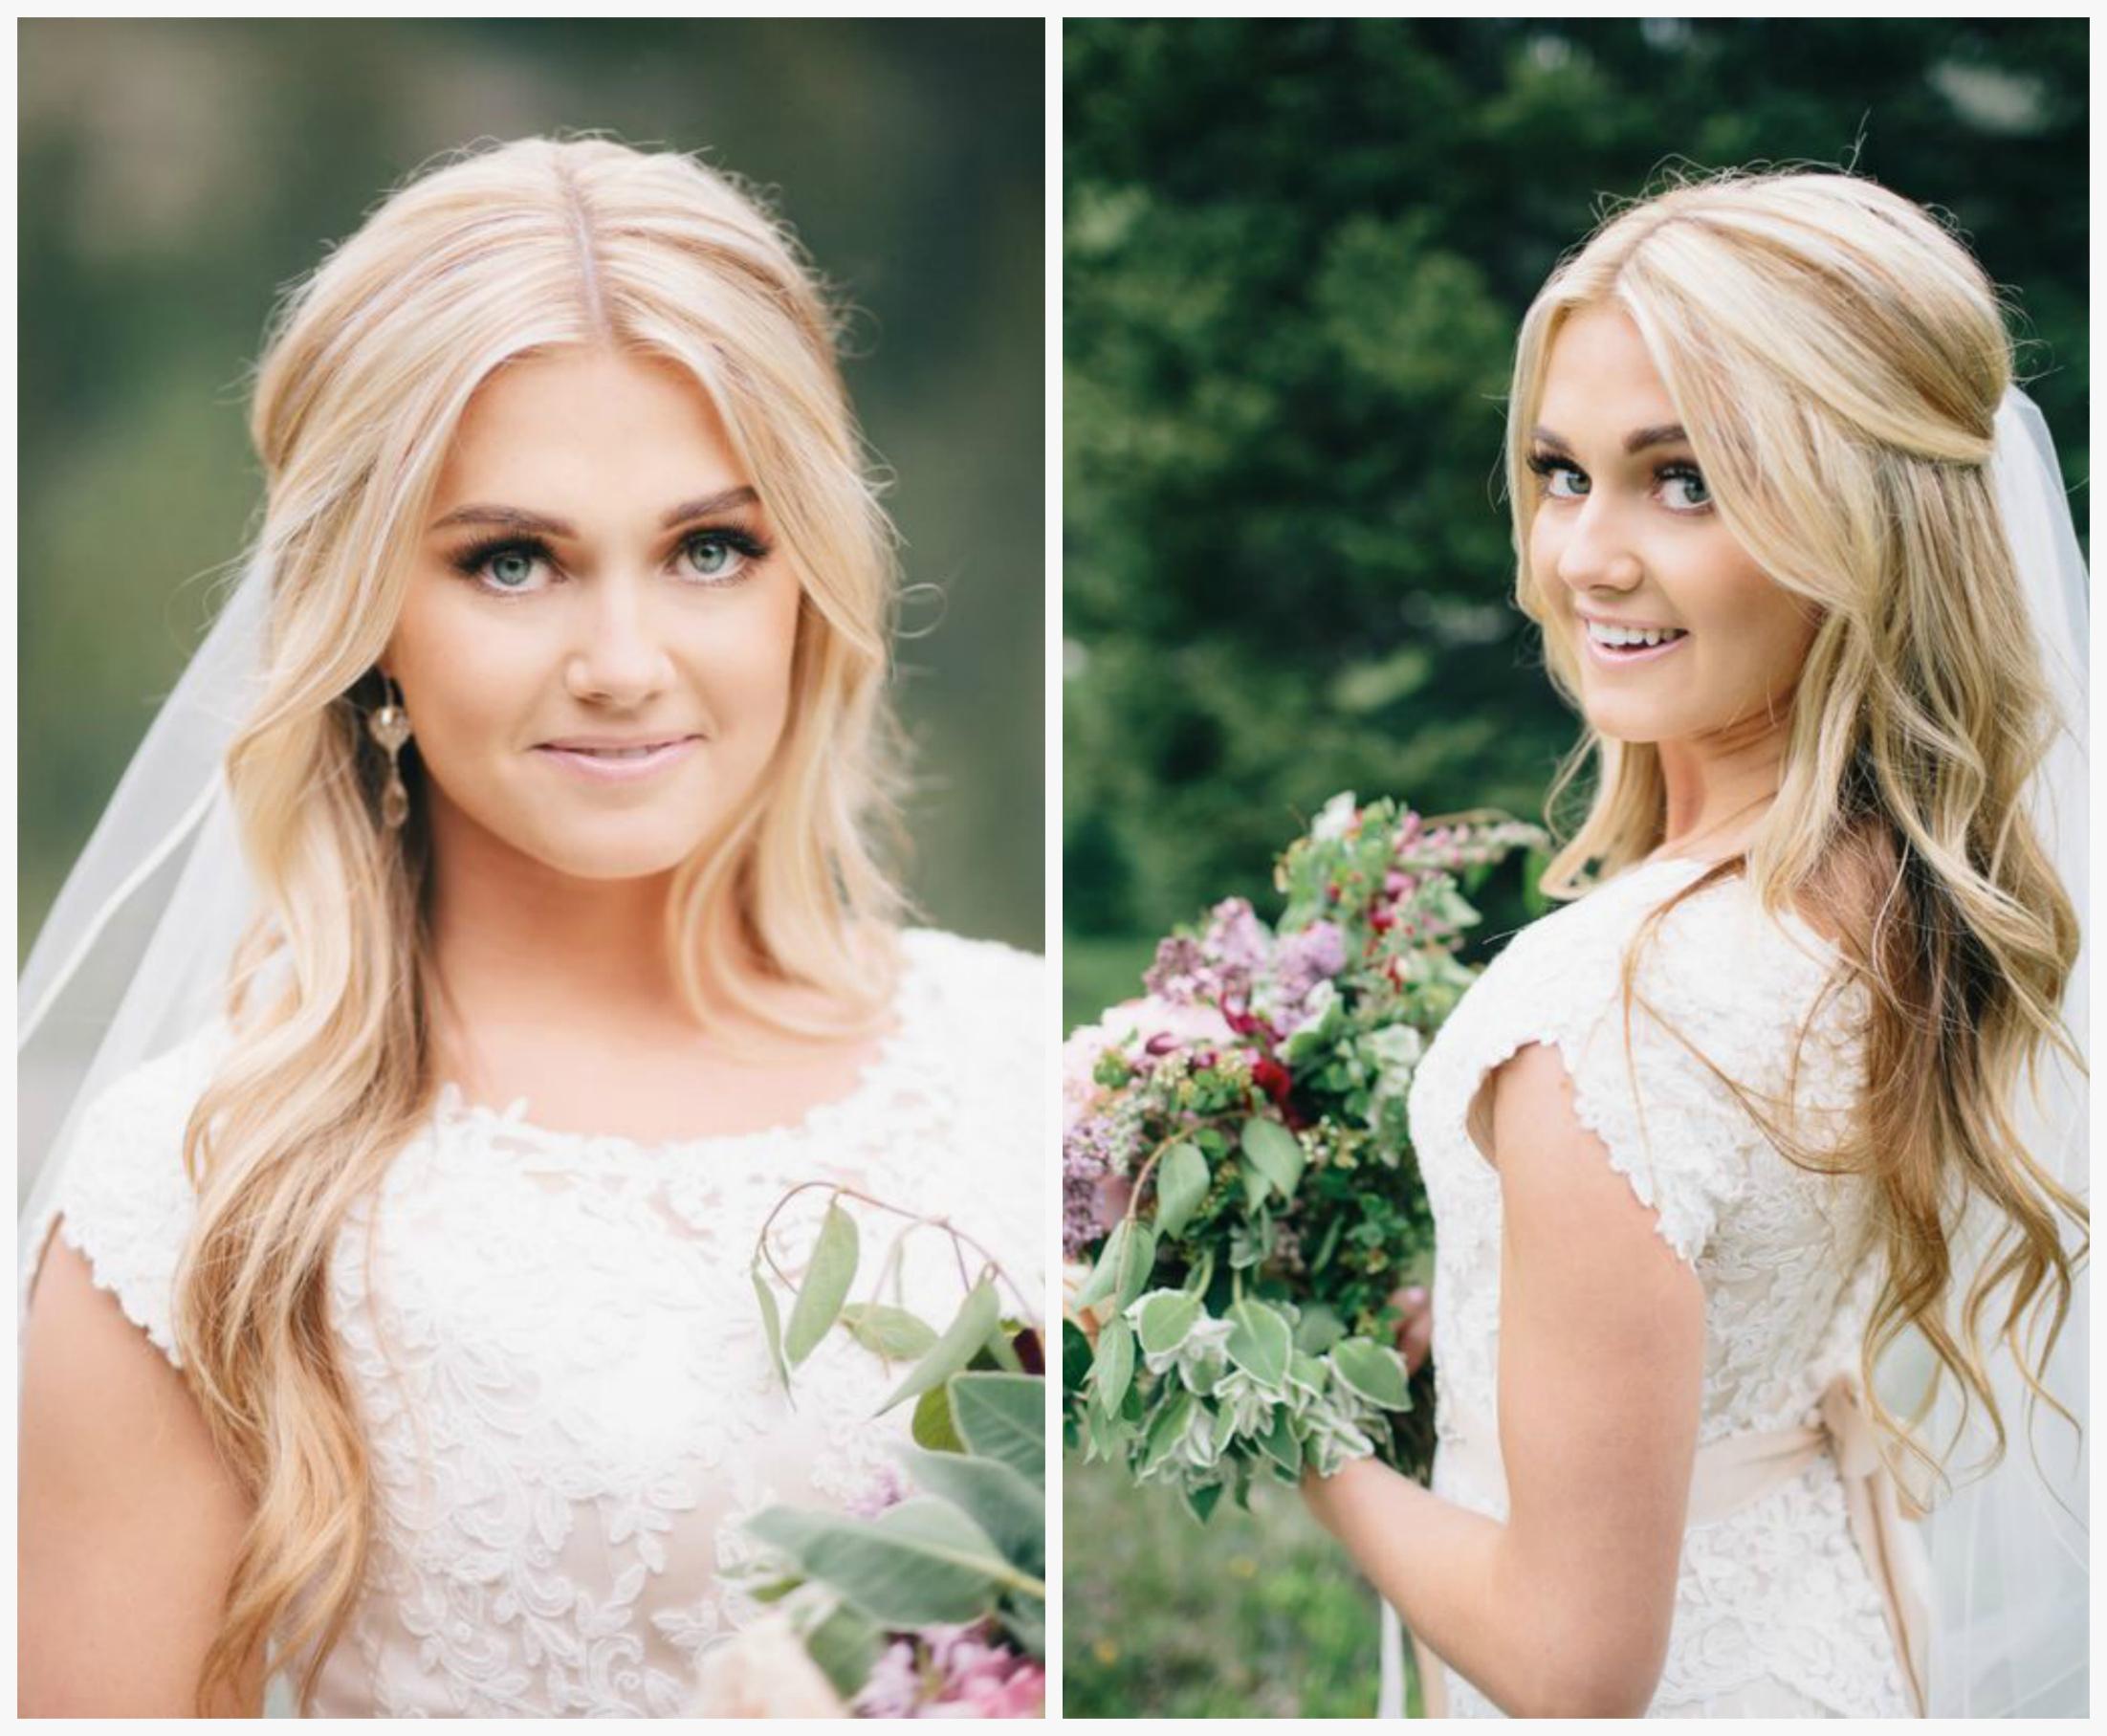 Прически для свадьбы на длинные волосы для девочек